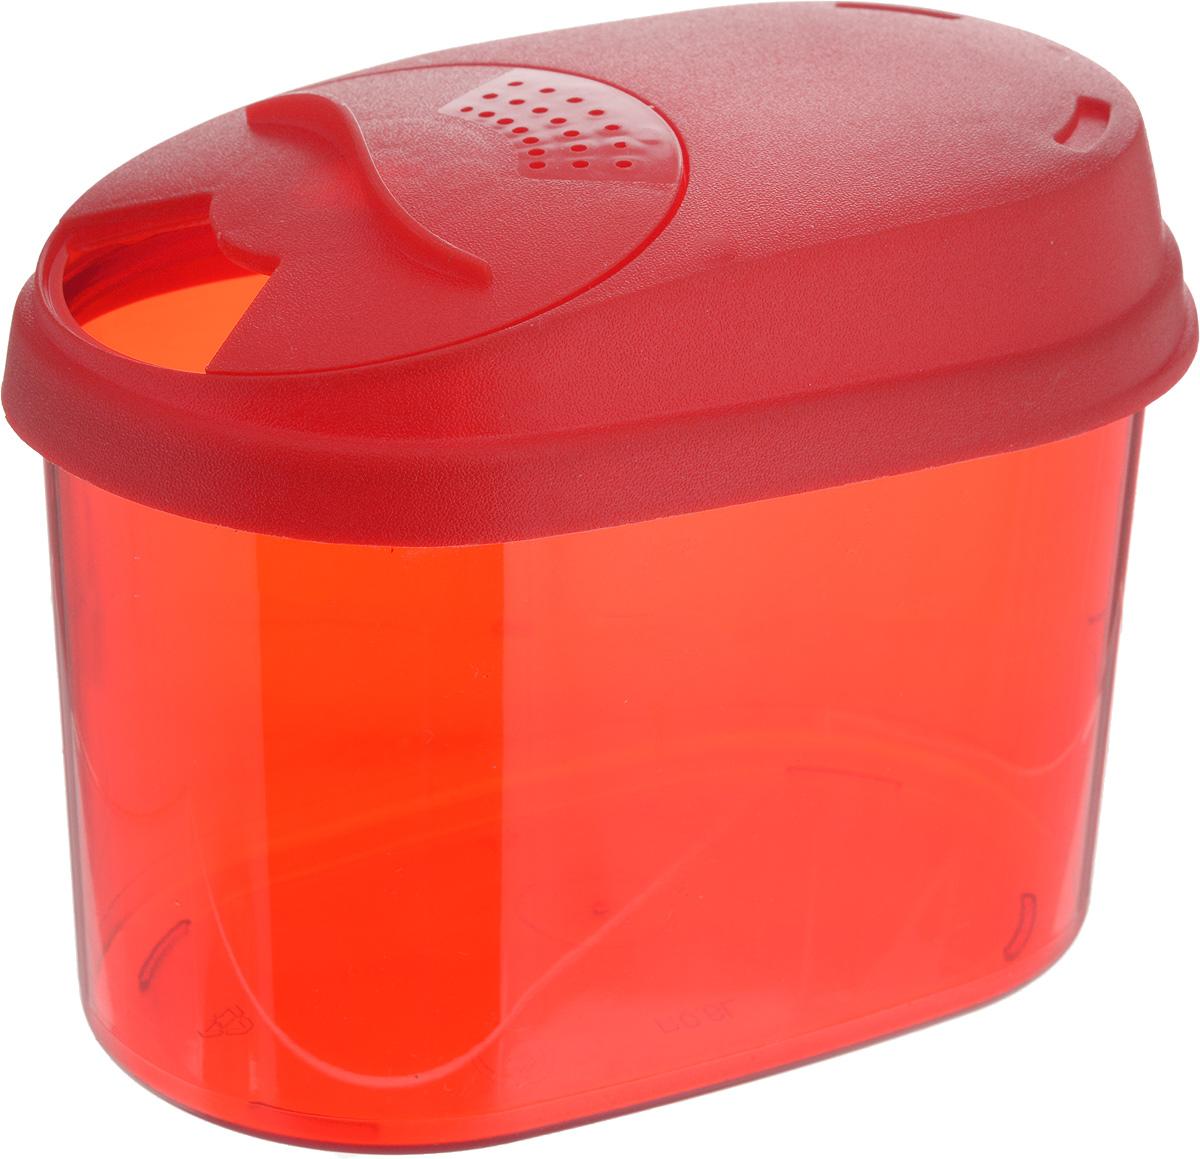 Банка для сыпучих продуктов Giaretti, с дозатором, цвет: красный, 0,8 лFA-5125 WhiteБанка для сыпучих продуктов Giaretti выполнена из высококачественного пластика. Банка предназначена для хранения круп, сахара, макаронных изделий и в том числе для продуктов с ярким ароматом (специи и прочее). Плотно прилегающая крышка не пропускает запахи содержимого в шкаф для хранения, при этом продукт не теряет своего аромата. Двойной дозатор предназначен для мелких и крупных сыпучих продуктов.Можно мыть в посудомоечной машине. Объем: 0,8 л.Размер (по верхнему краю): 14,5 x 8,5 см.Высота (с учетом крышки): 11 см.